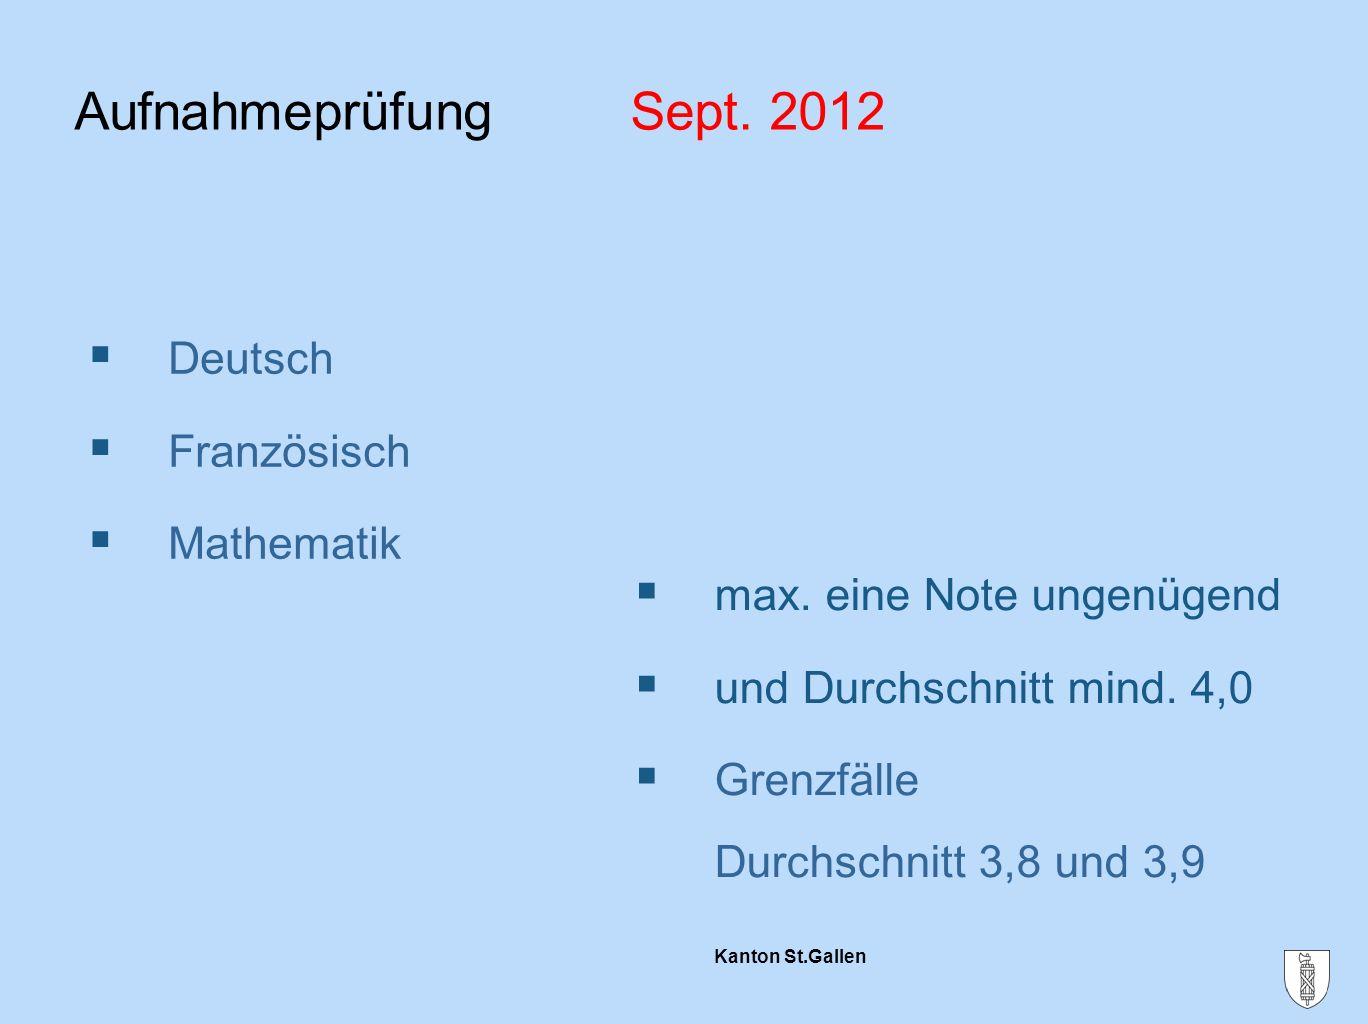 Kanton St.Gallen AufnahmeprüfungSept. 2012  Deutsch  Französisch  Mathematik  max. eine Note ungenügend  und Durchschnitt mind. 4,0  Grenzfälle